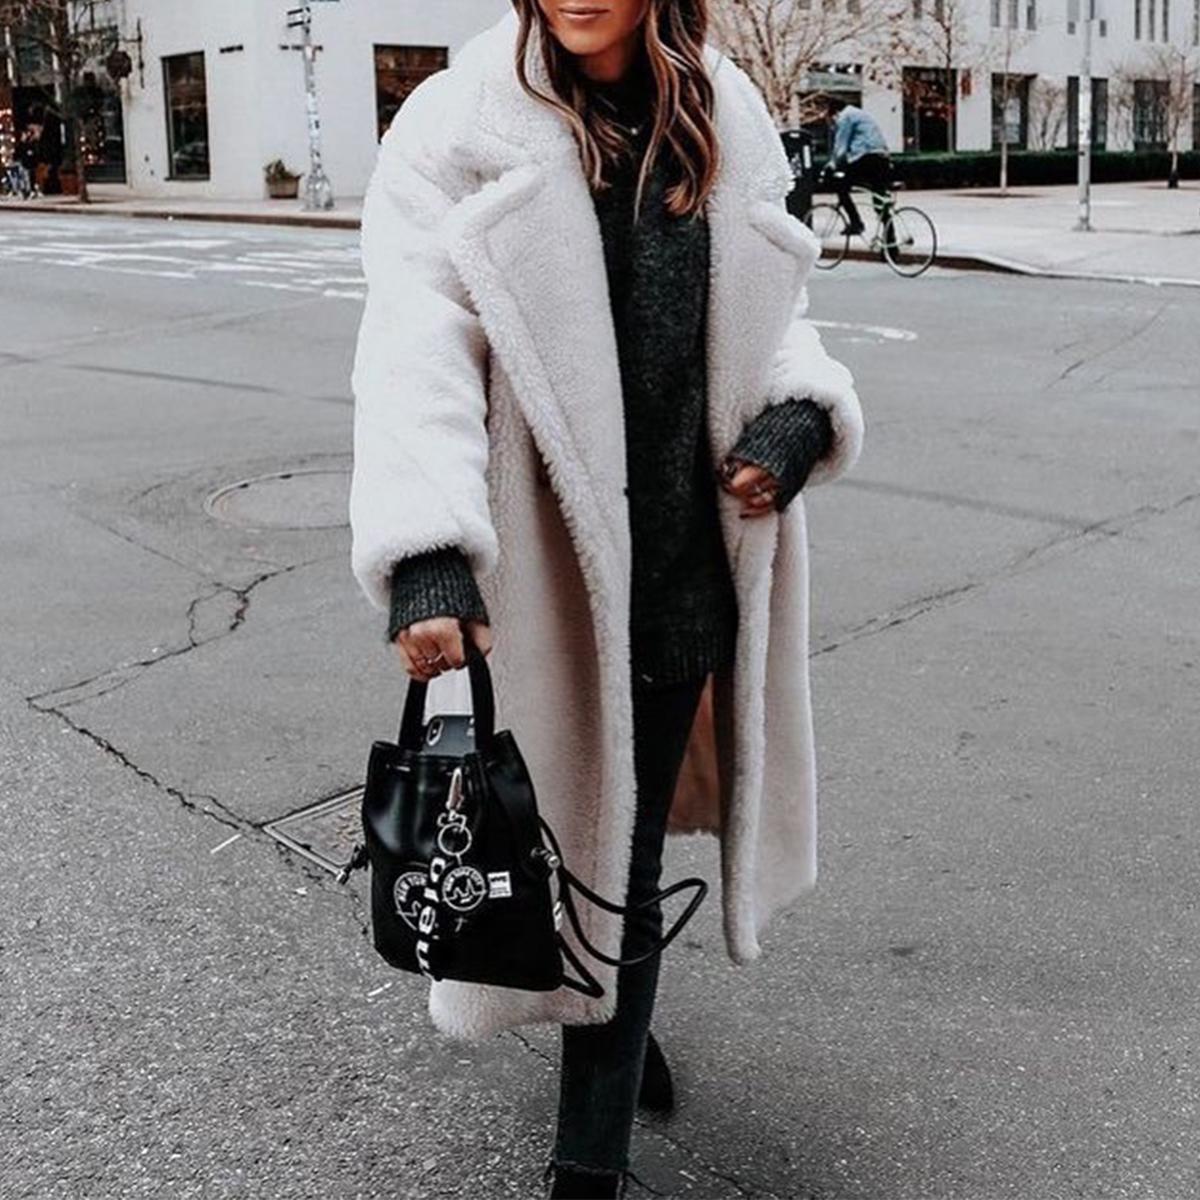 Women-Winter-Warm-Teddy-Bear-Fleece-Coat-Fluffy-Jacket-Cardigan-Overcoat-Outwear miniatura 14